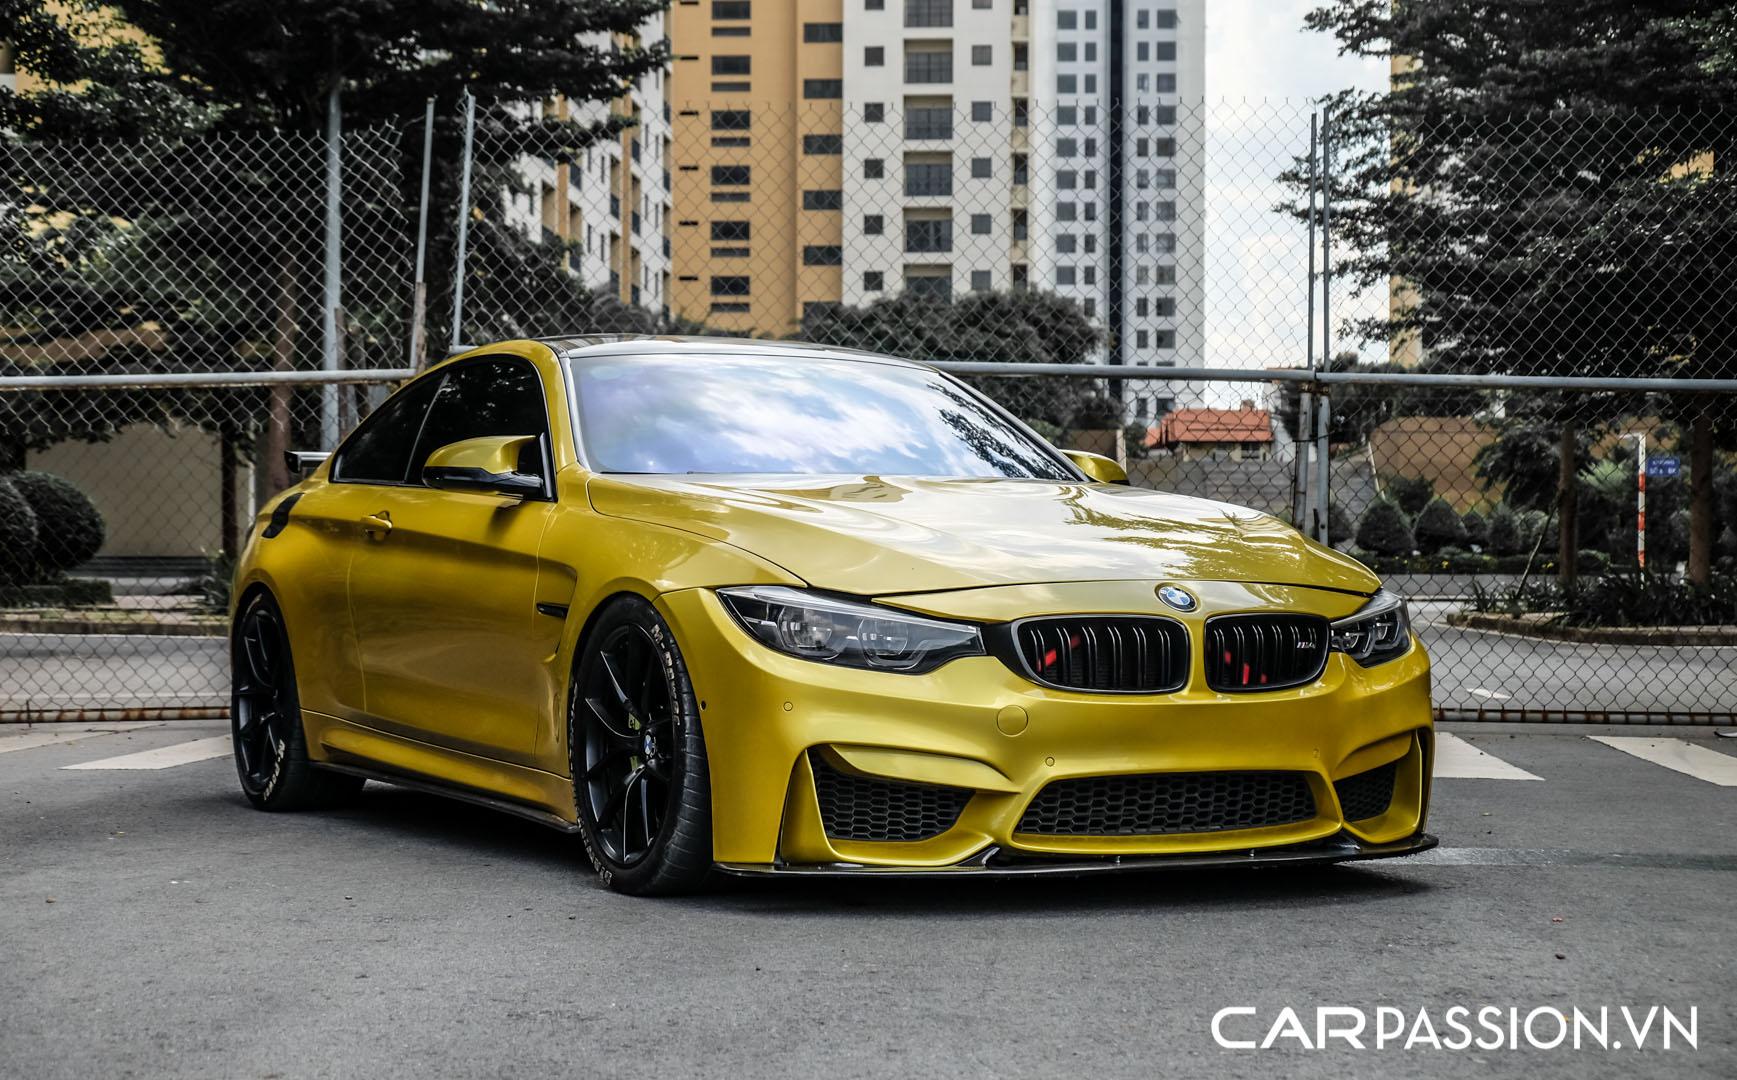 CP-BMW M4 F8 được rao bán (3).jpg